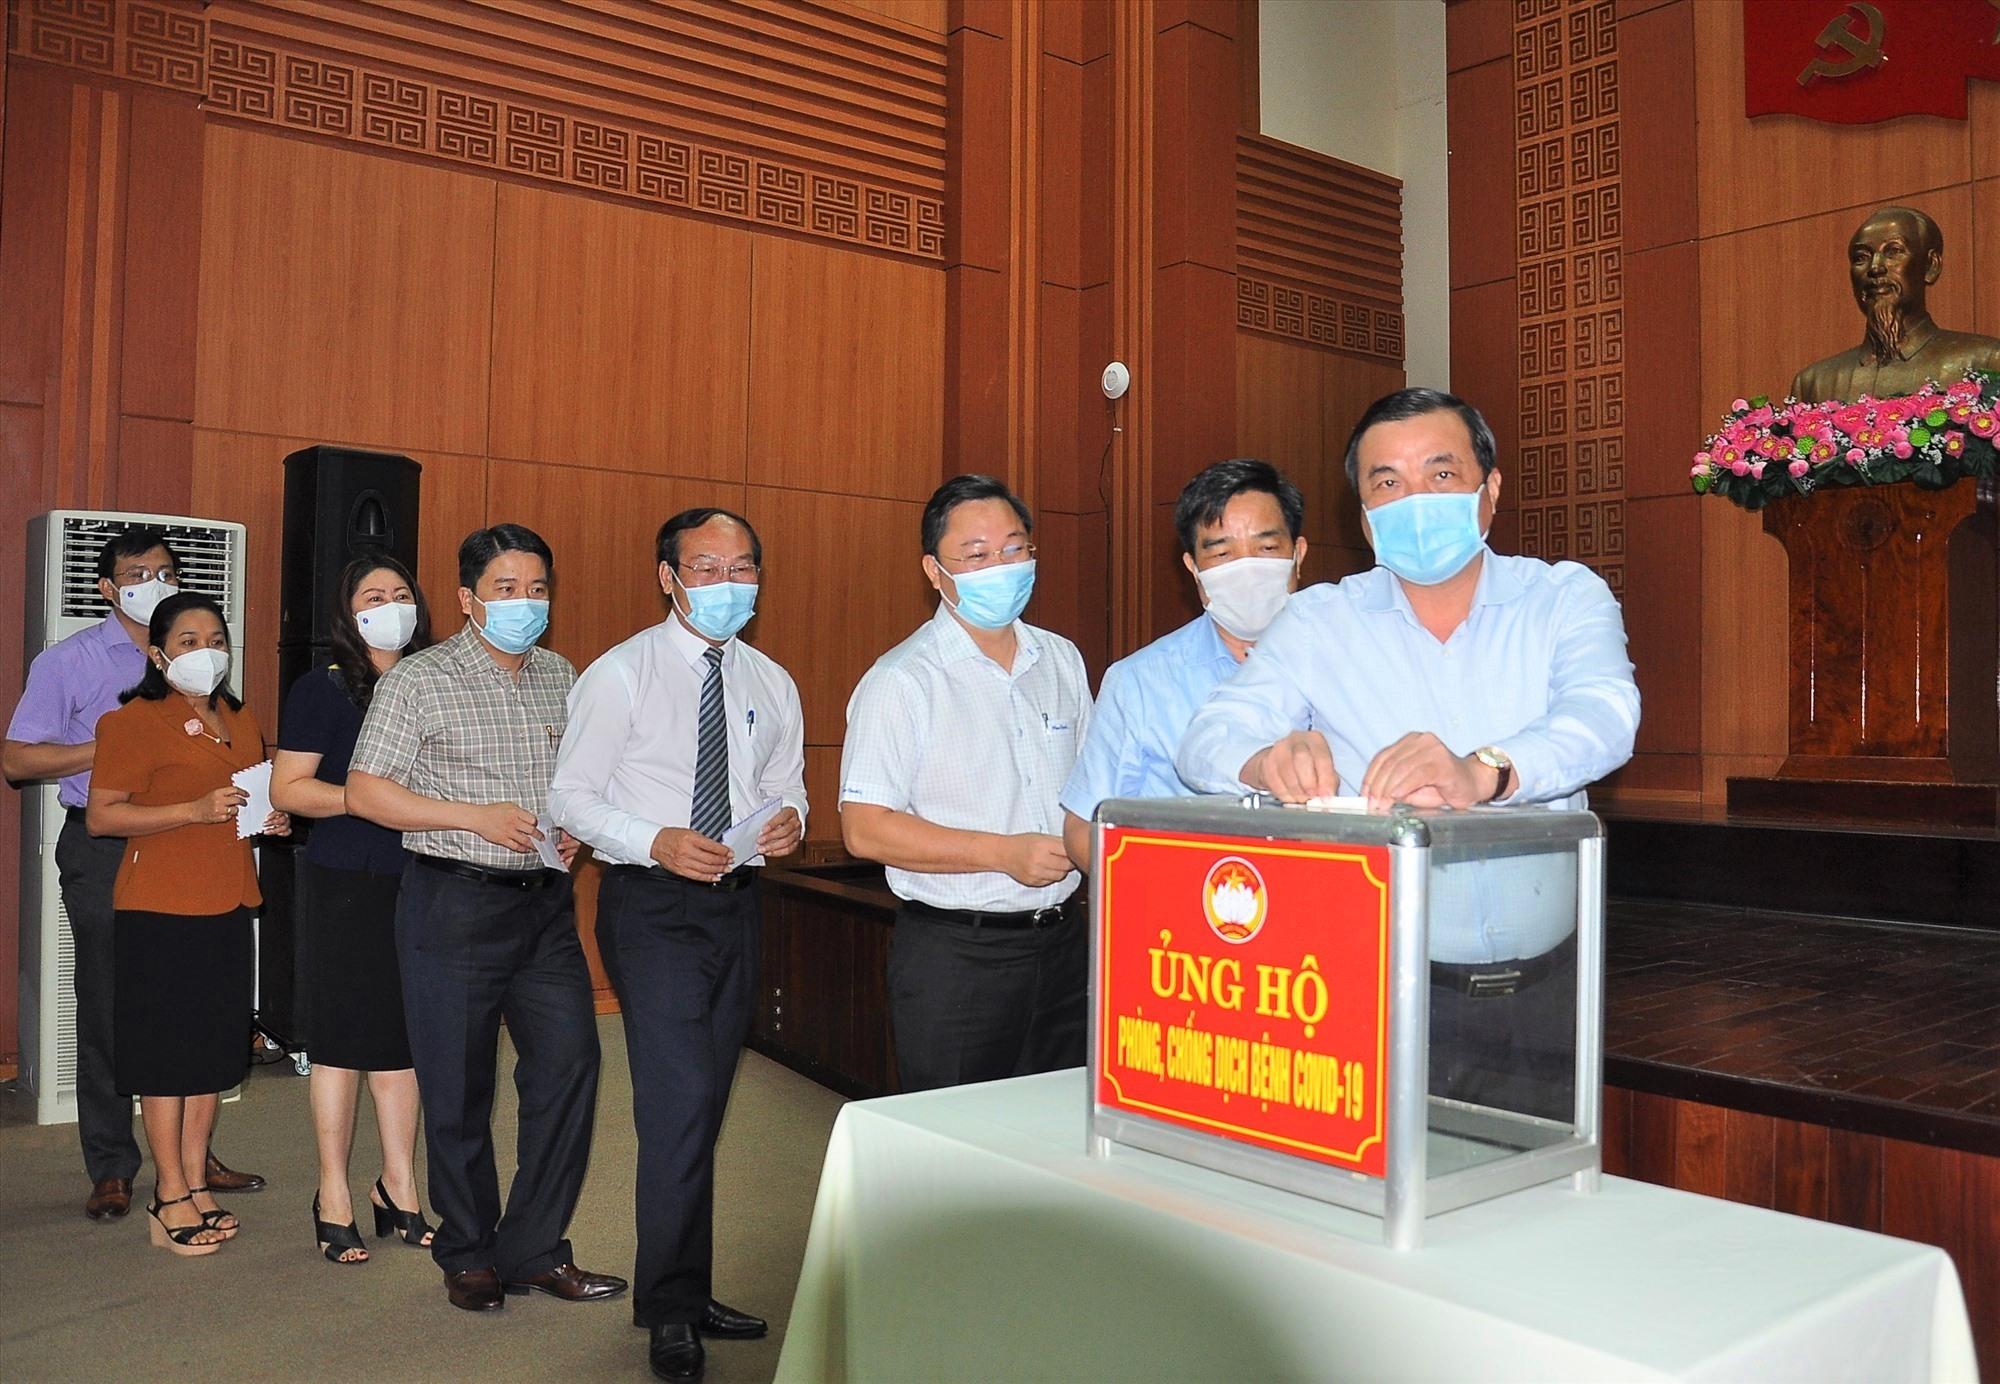 Các đồng chí lãnh đạo tỉnh quyên góp ủng họp phòng chống dịch bệnh Covid-19. Ảnh: VINH ANH